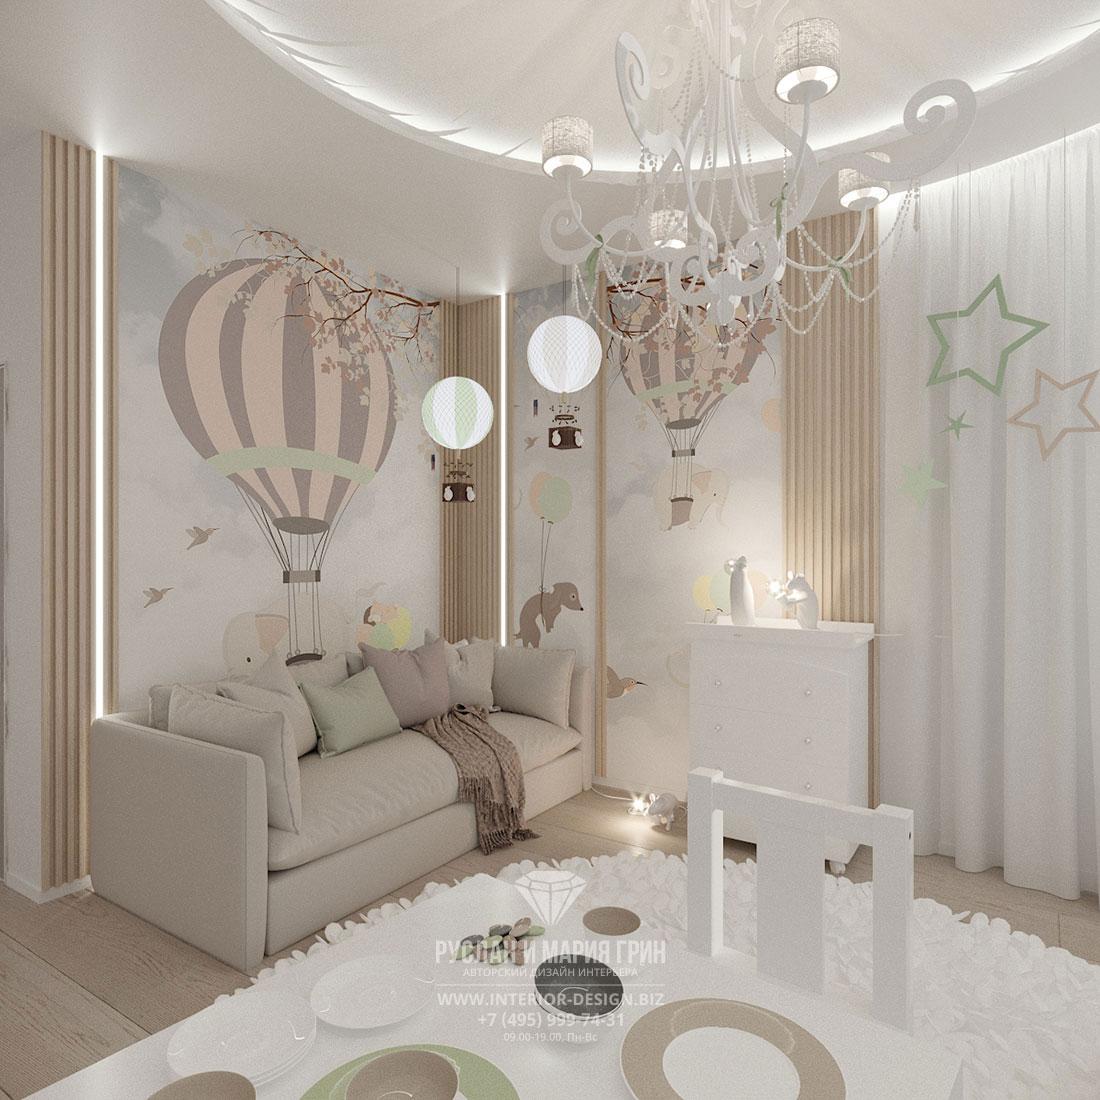 Современный авторский интерьер детской комнаты в светлых тонах